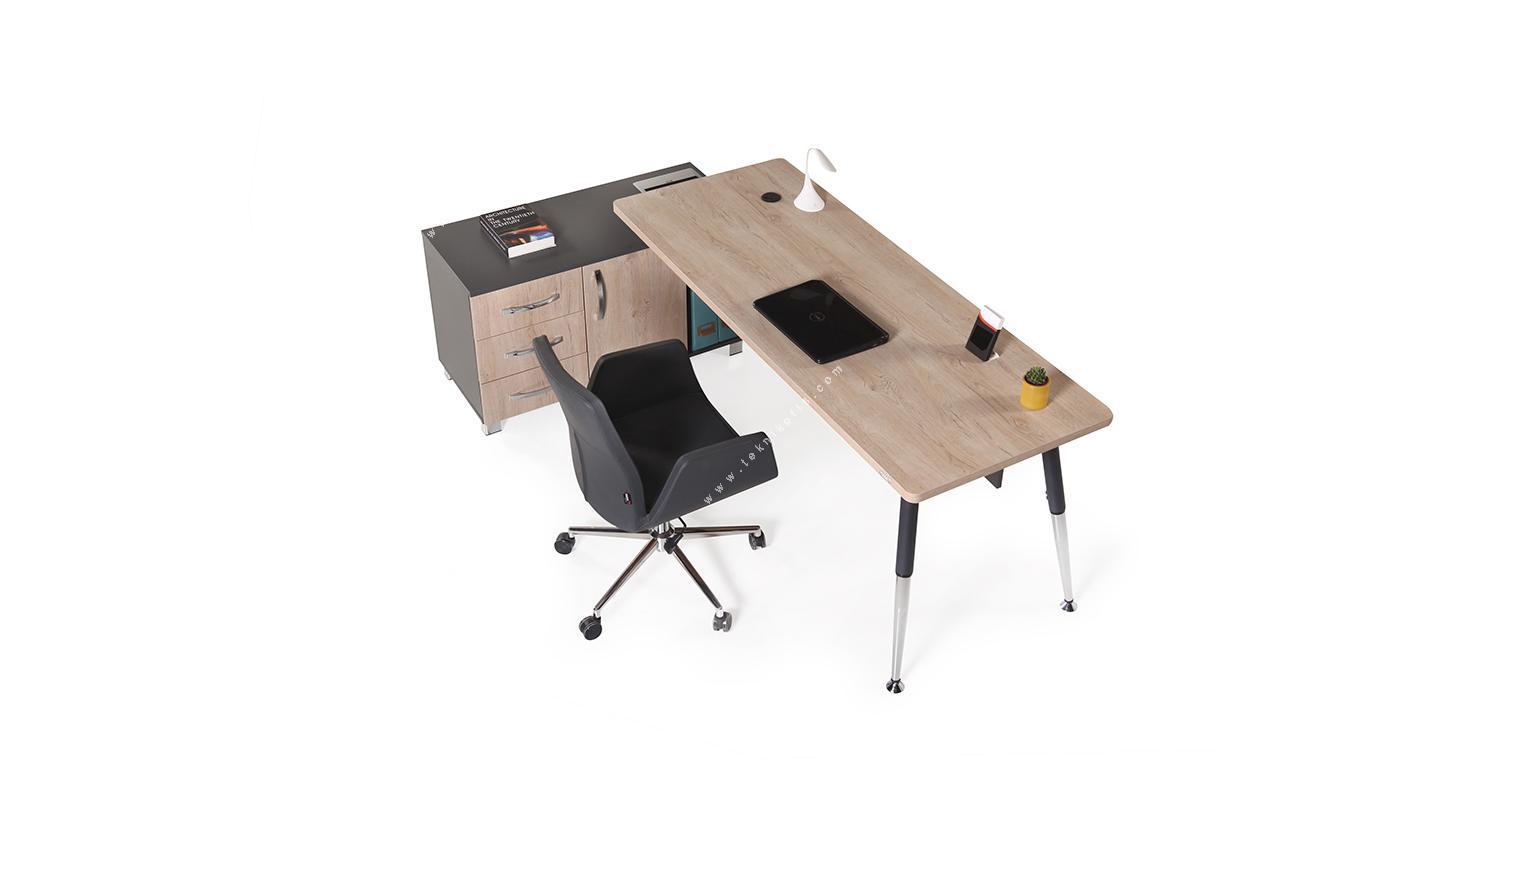 toucher etajerli metal ayaklı yönetici masası 200cm